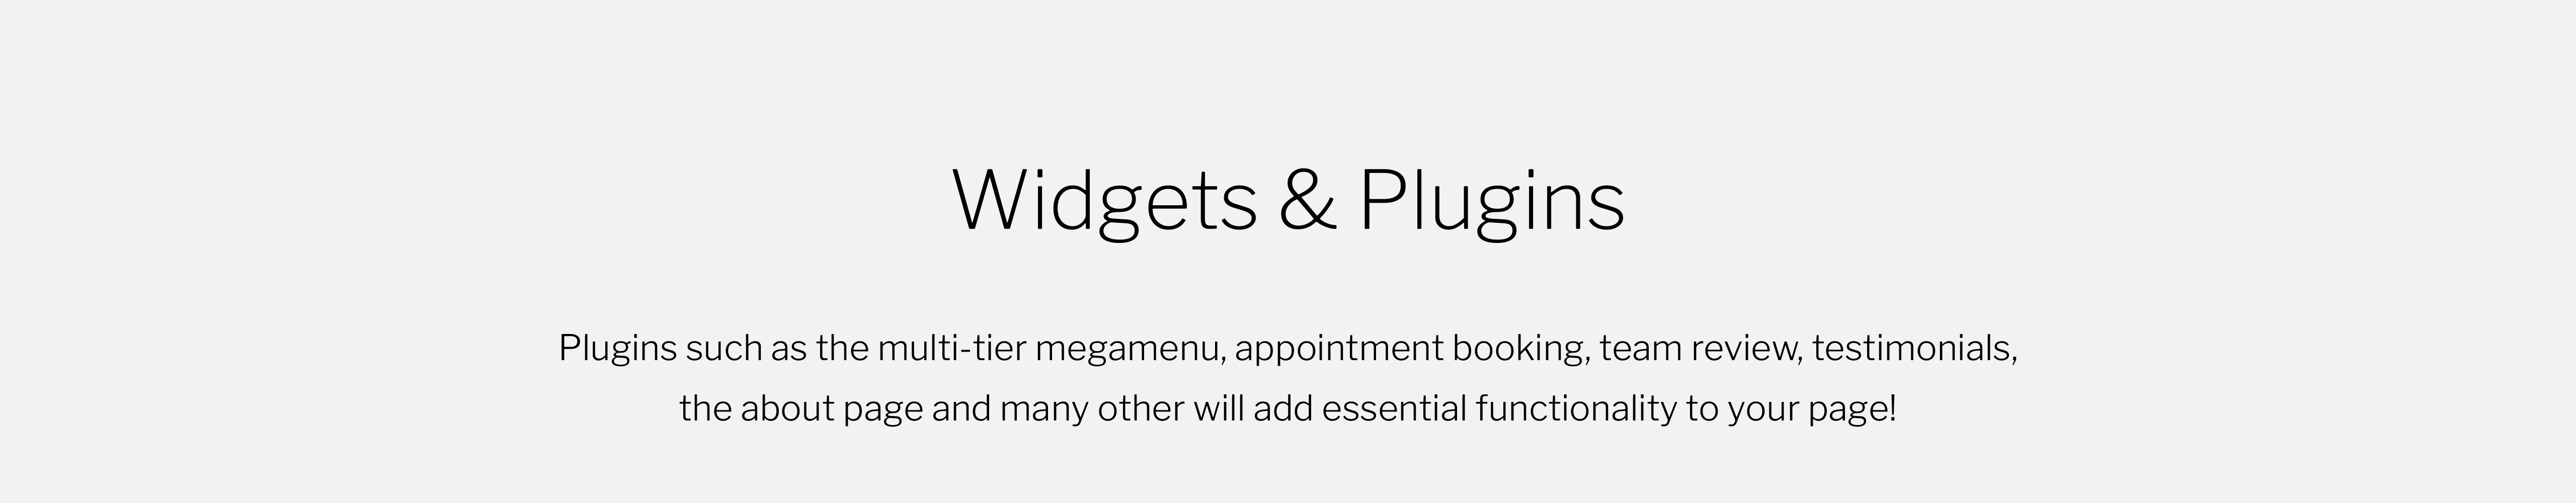 Website Design Template 62222 - builder ecommerce portfolio unique premium professional modern